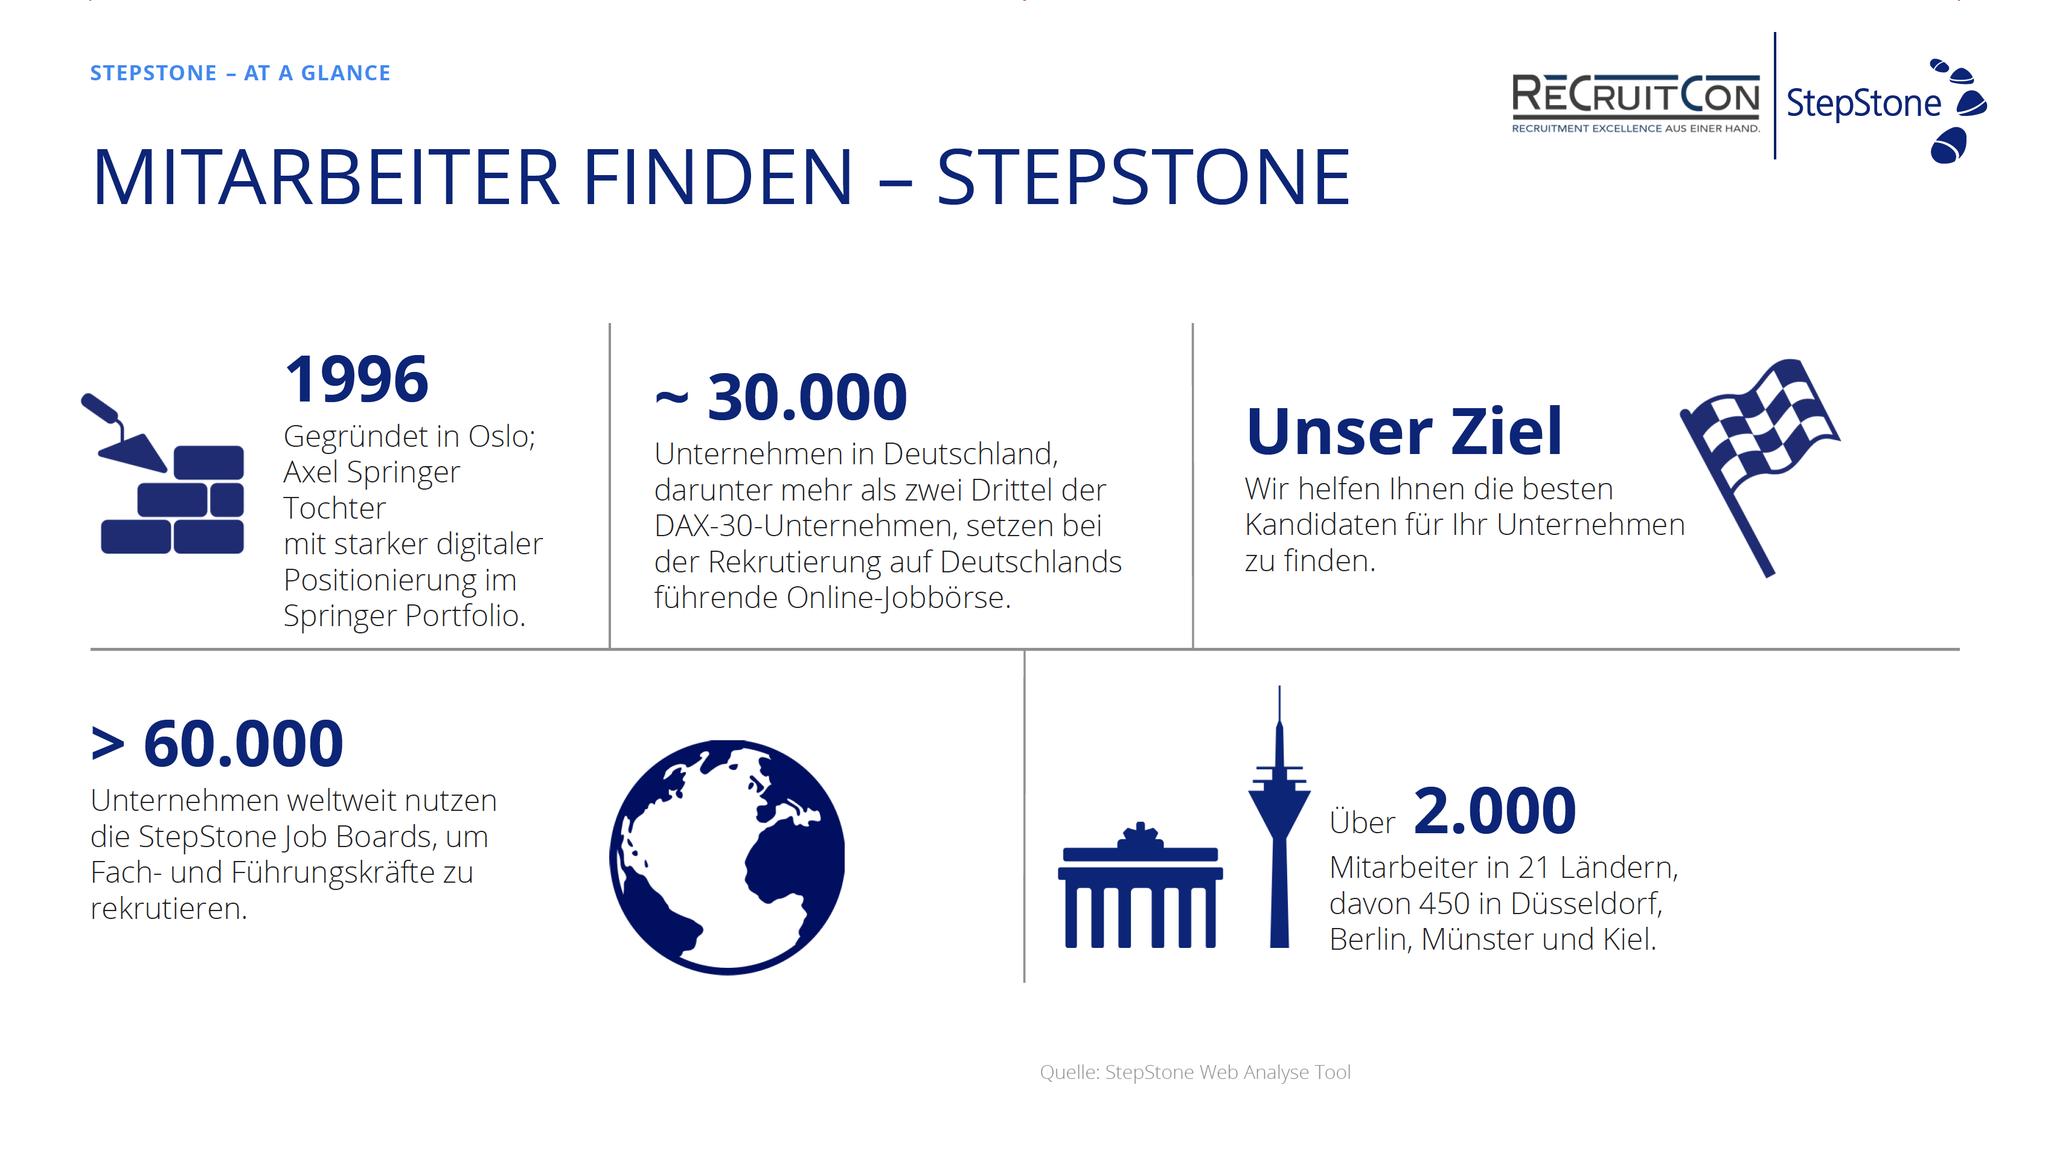 Stepstone C Schneppe Recruitcon Personalberatung Und Employer